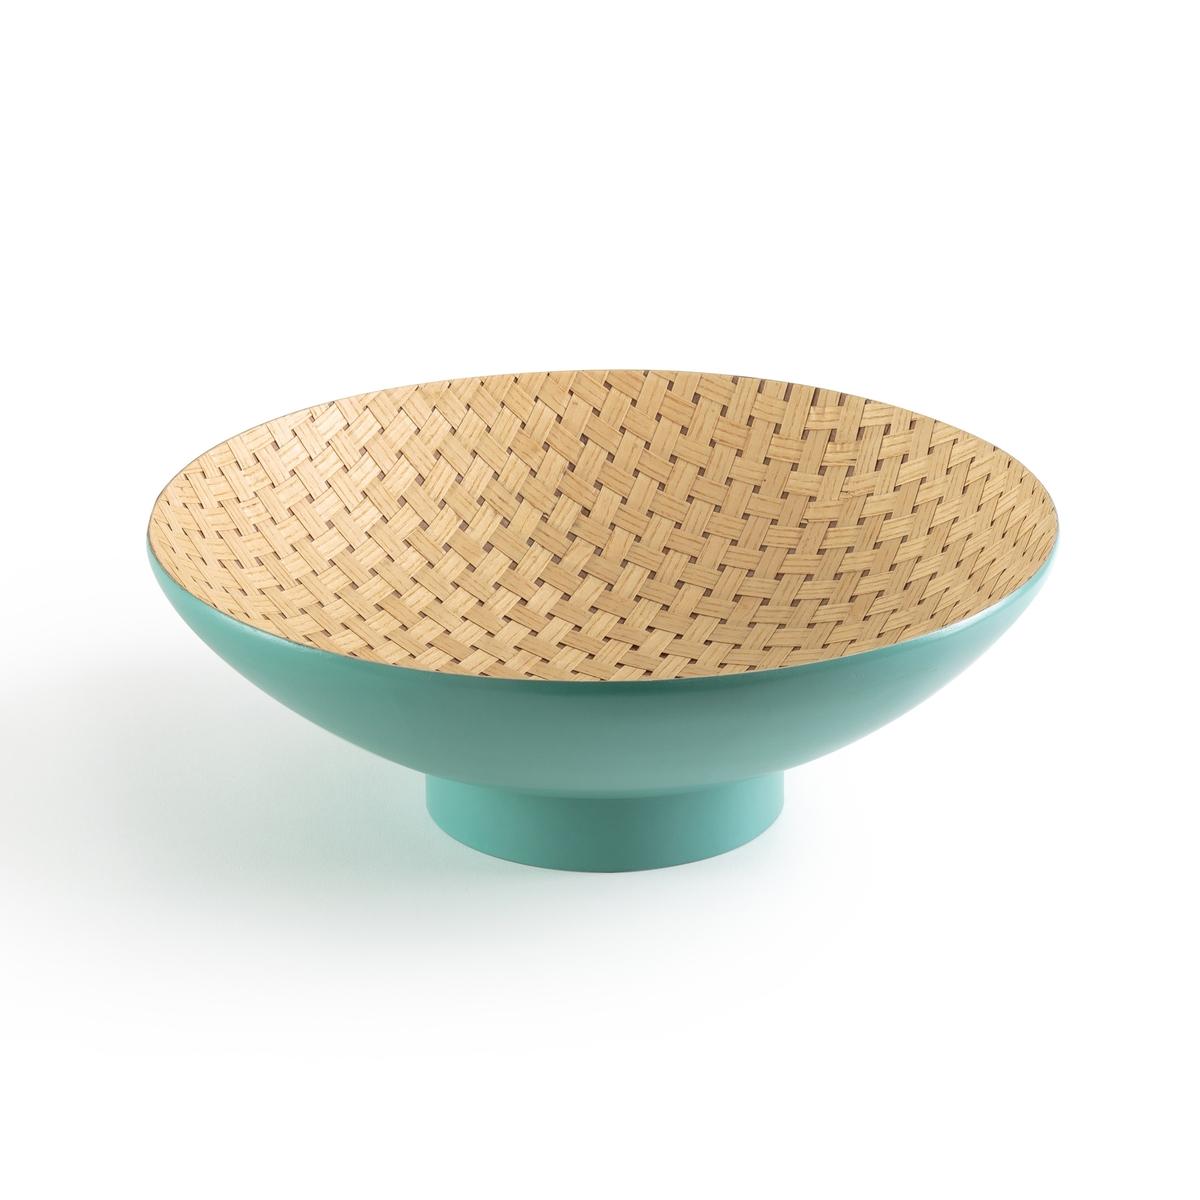 Чаша круглая для фруктов из натурального бамбука MAWE la casa sulla scogliera livello due b1 cd